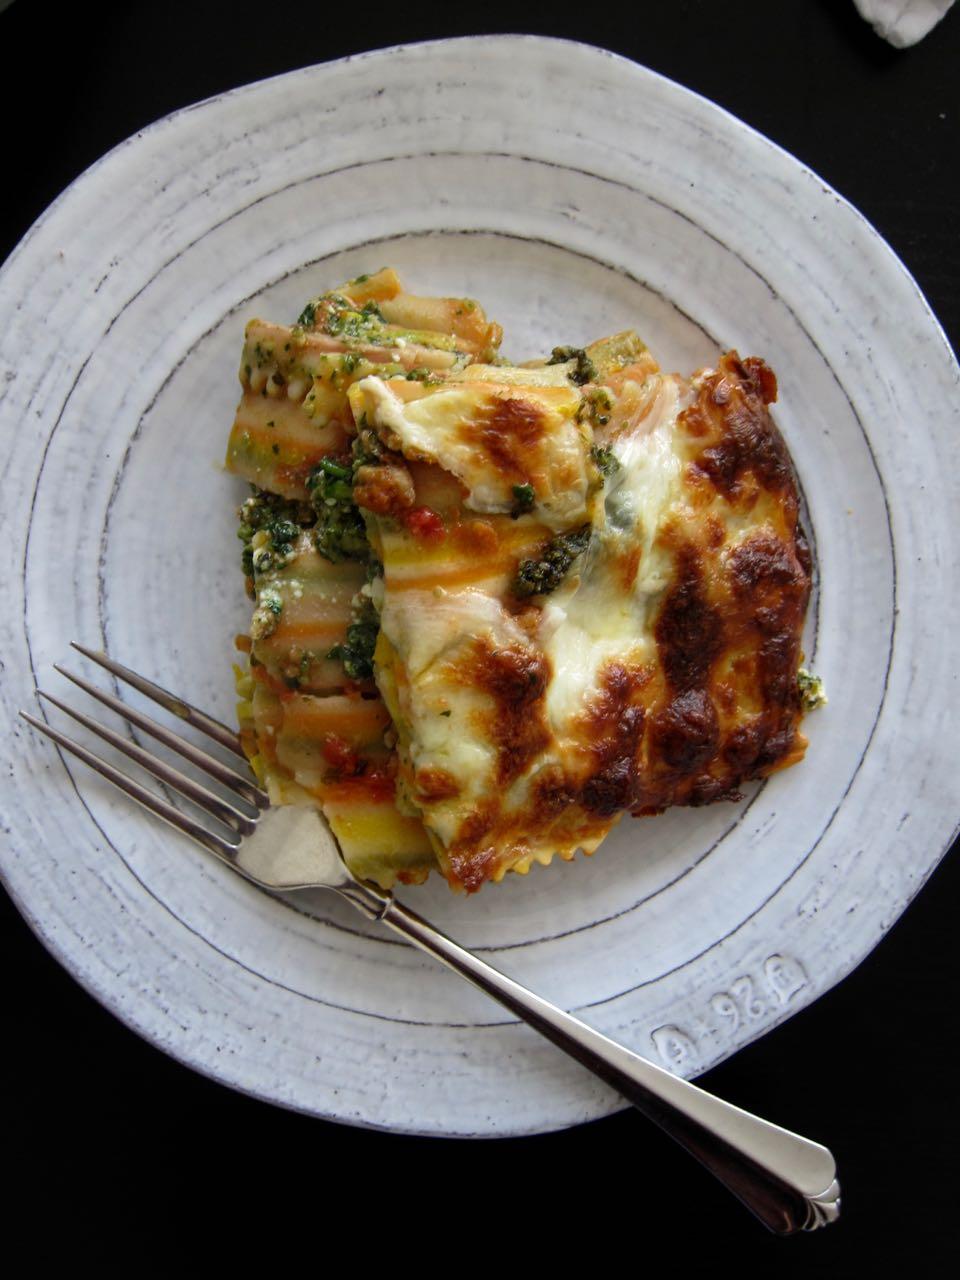 slice of veggie & chicken lasagna